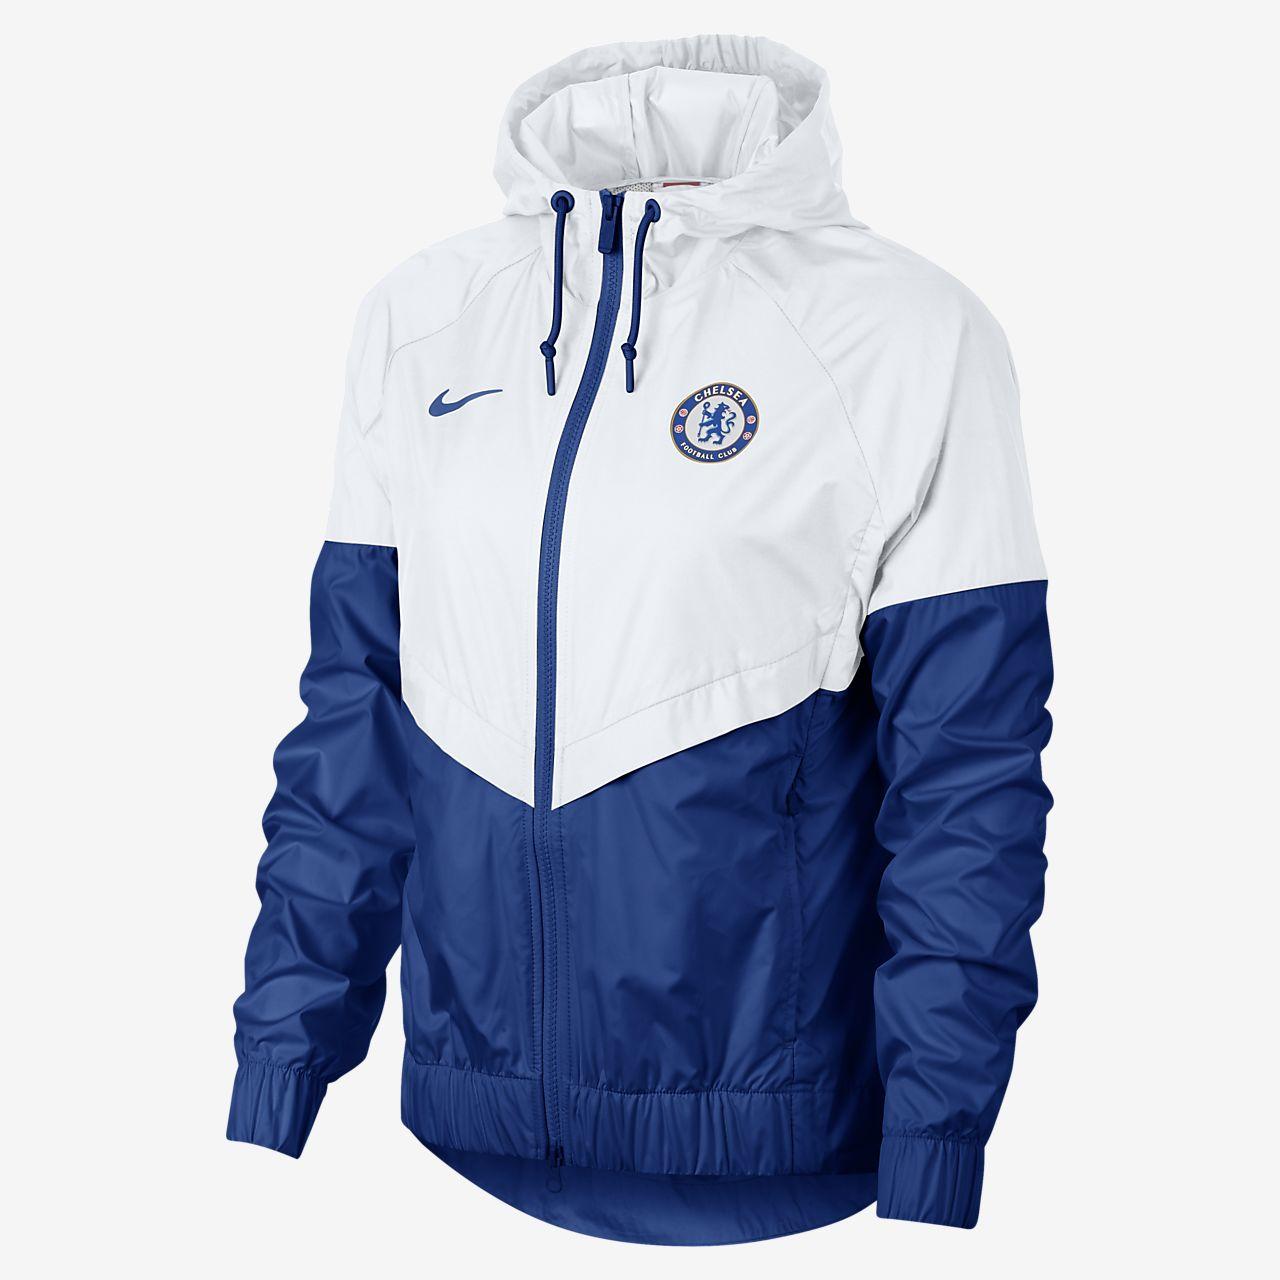 nike windrunner jacket womens uk size